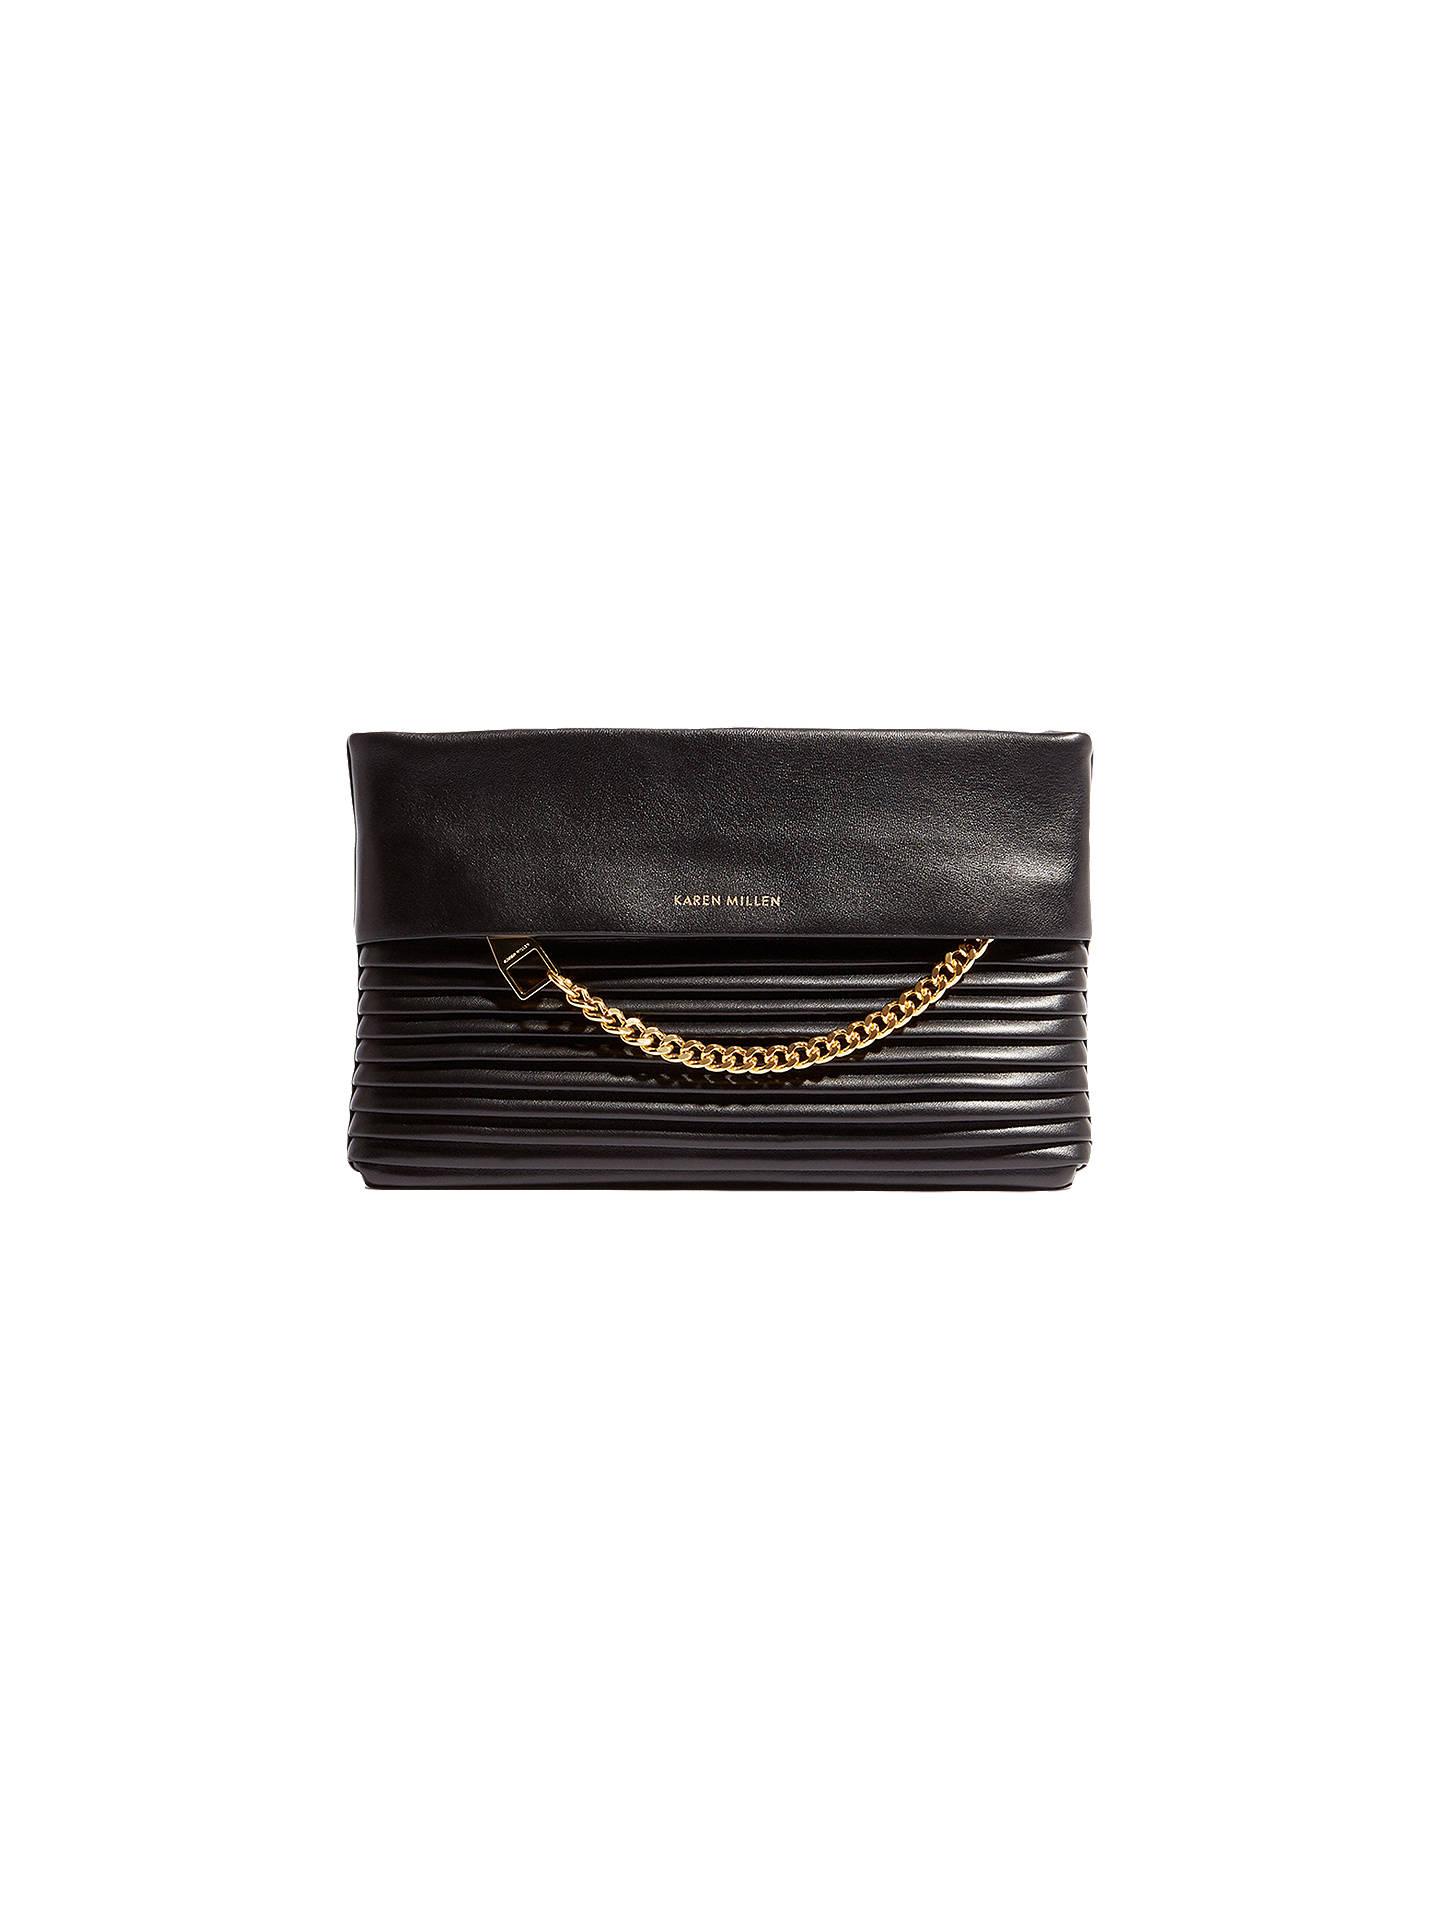 c125be9e1953 Buy Karen Millen Leather Textured Chain Zip Clutch Bag, Black Online at  johnlewis.com ...